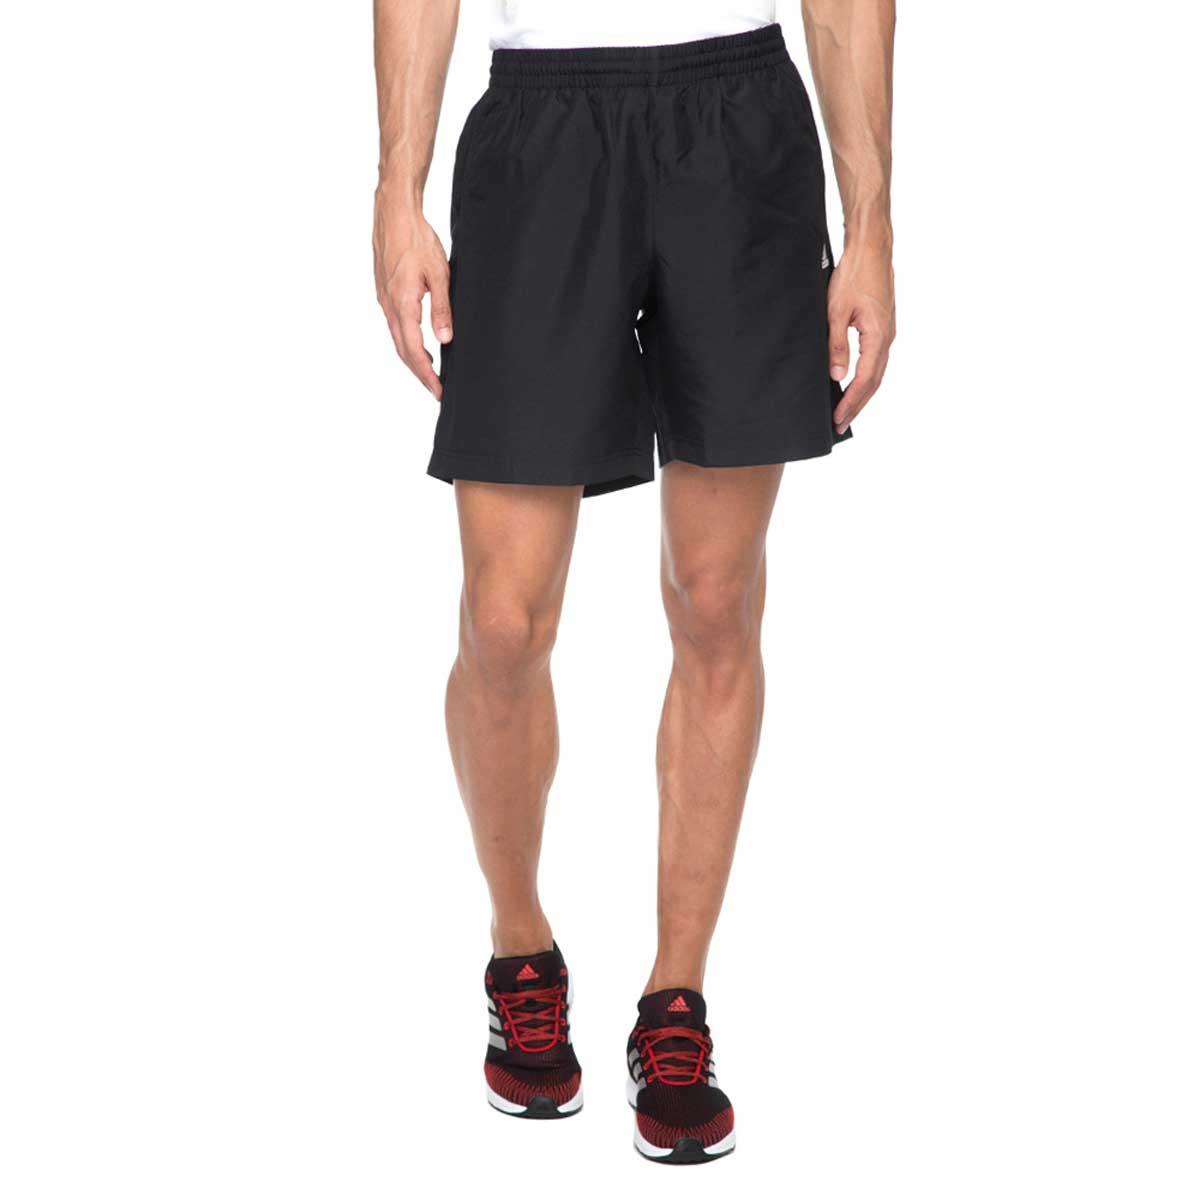 adidas shorts online india